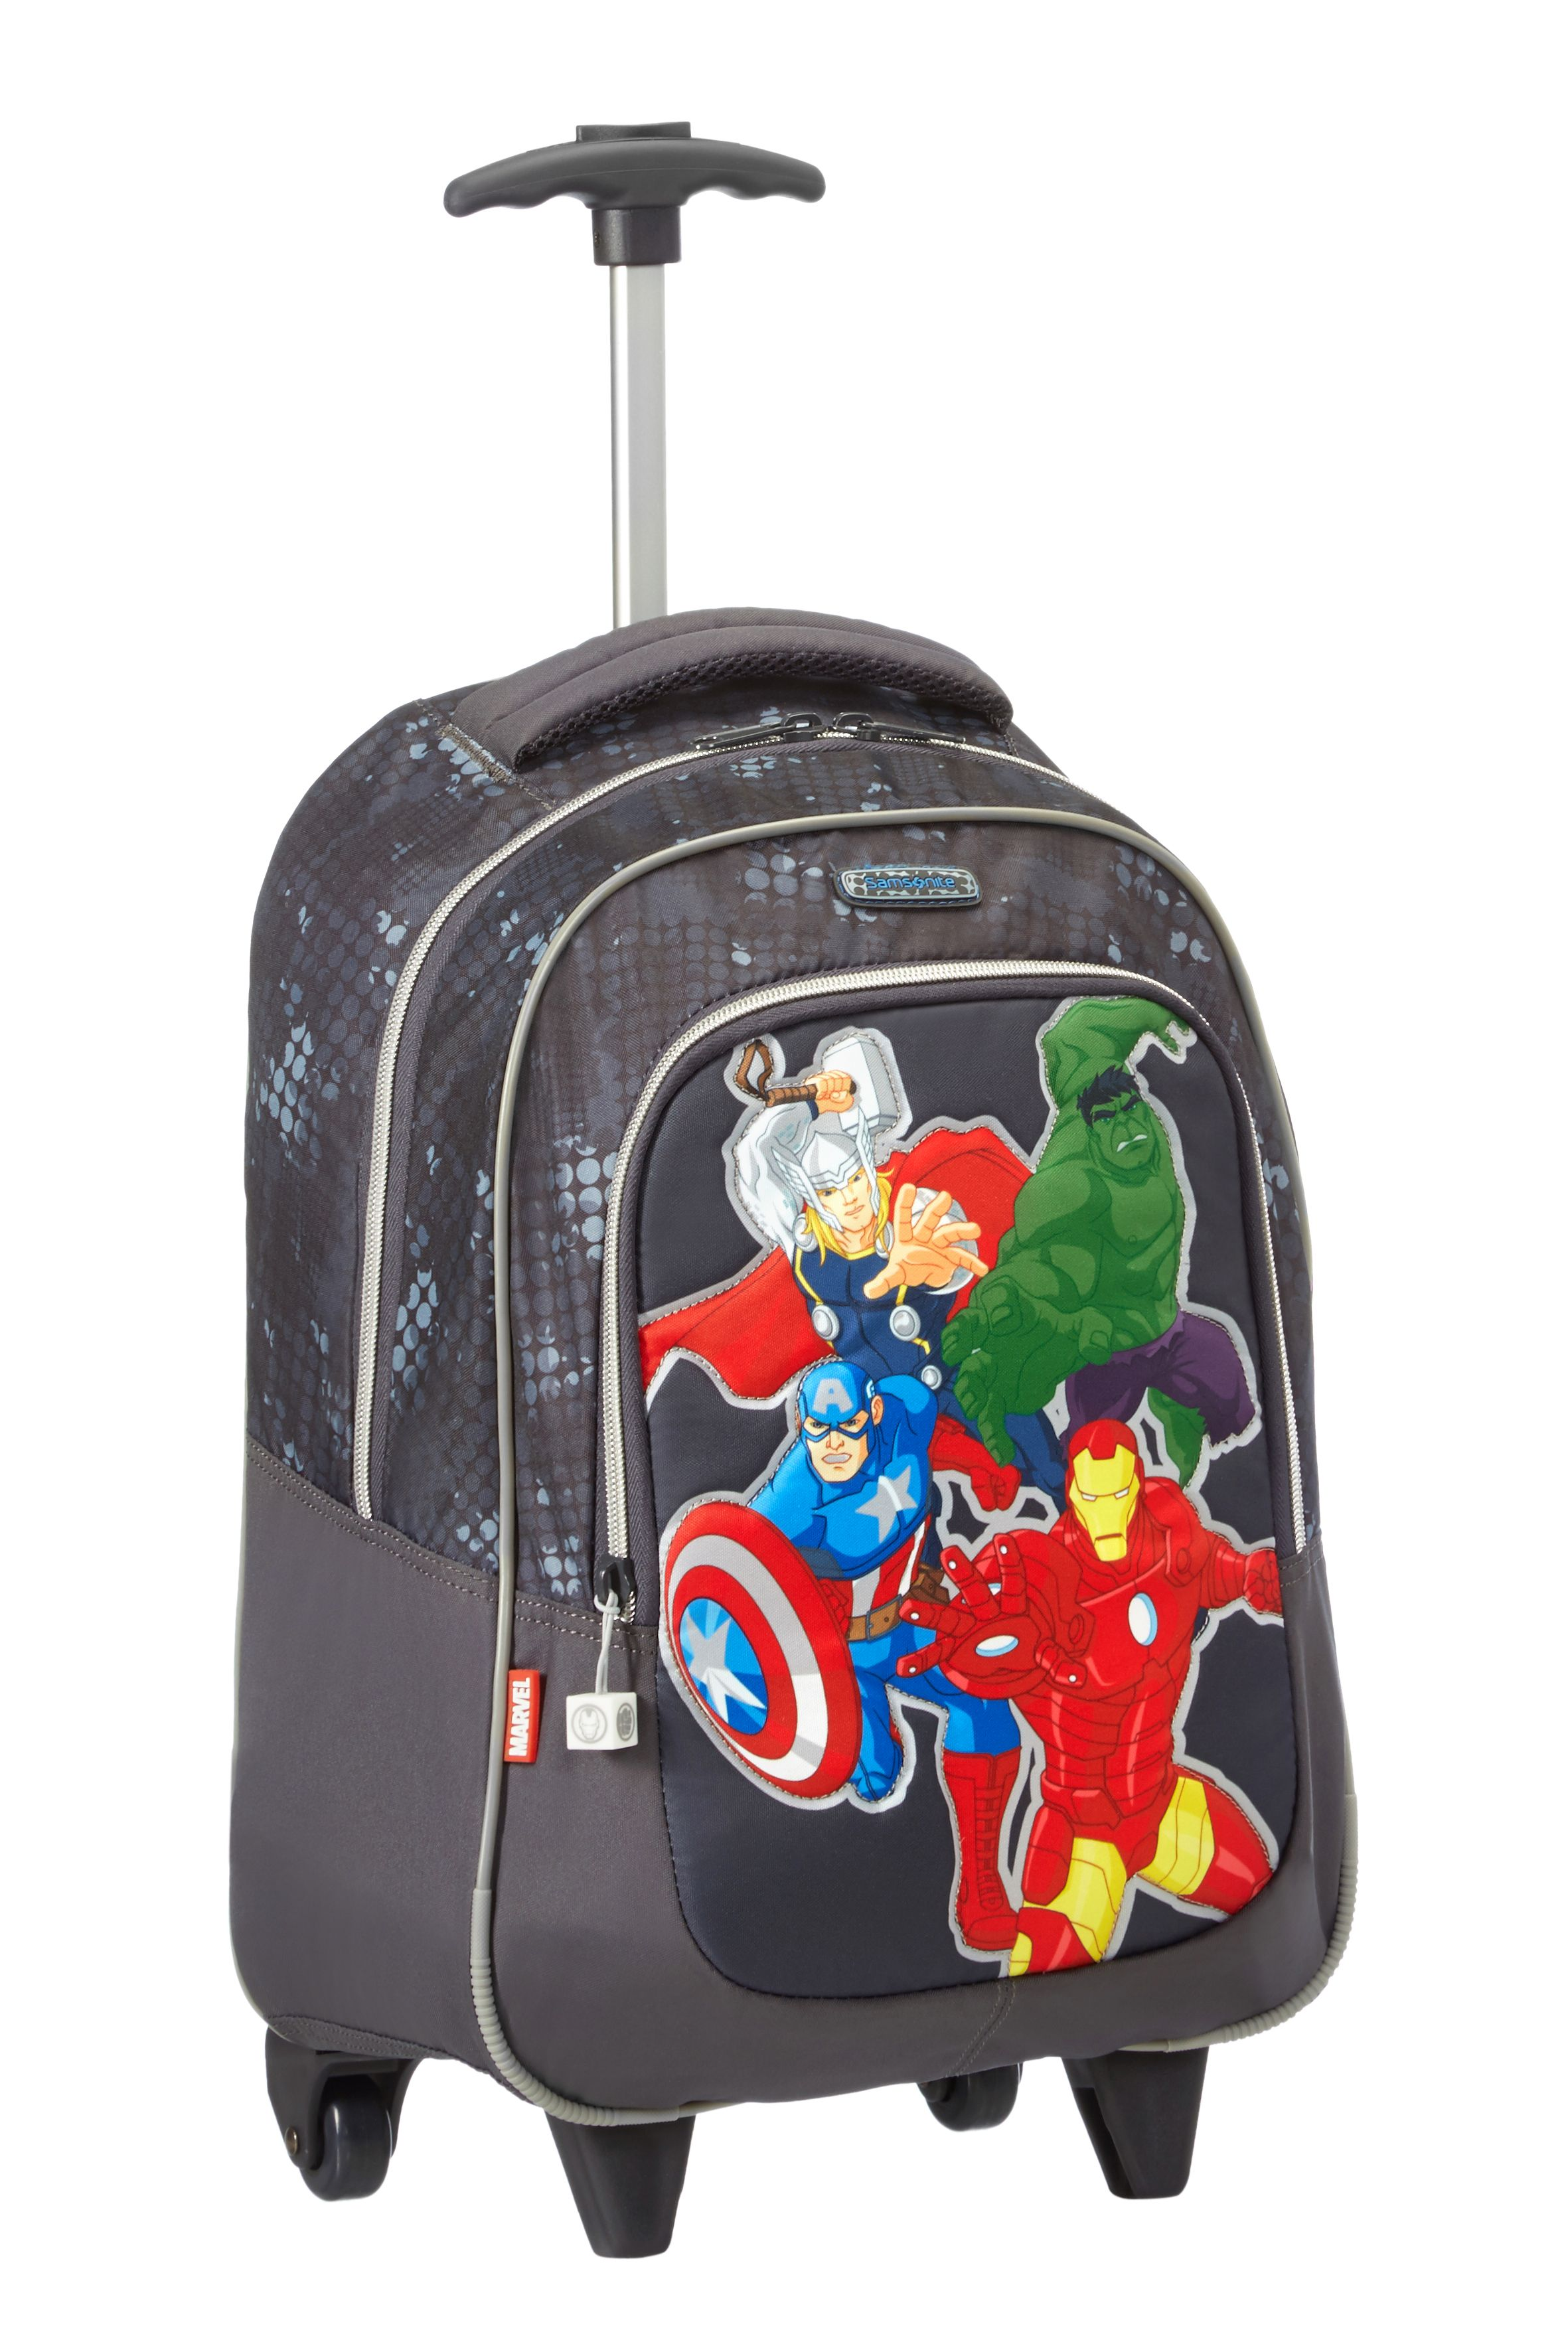 d67977080fb7d2 Marvel Wonders - Avengers Backpack Wheels #Disney #Samsonite #Avengers  #Hulk #IronMan #CaptainAmerica #Thor #Marvel #Travel #Kids #School  #Schoolbag ...